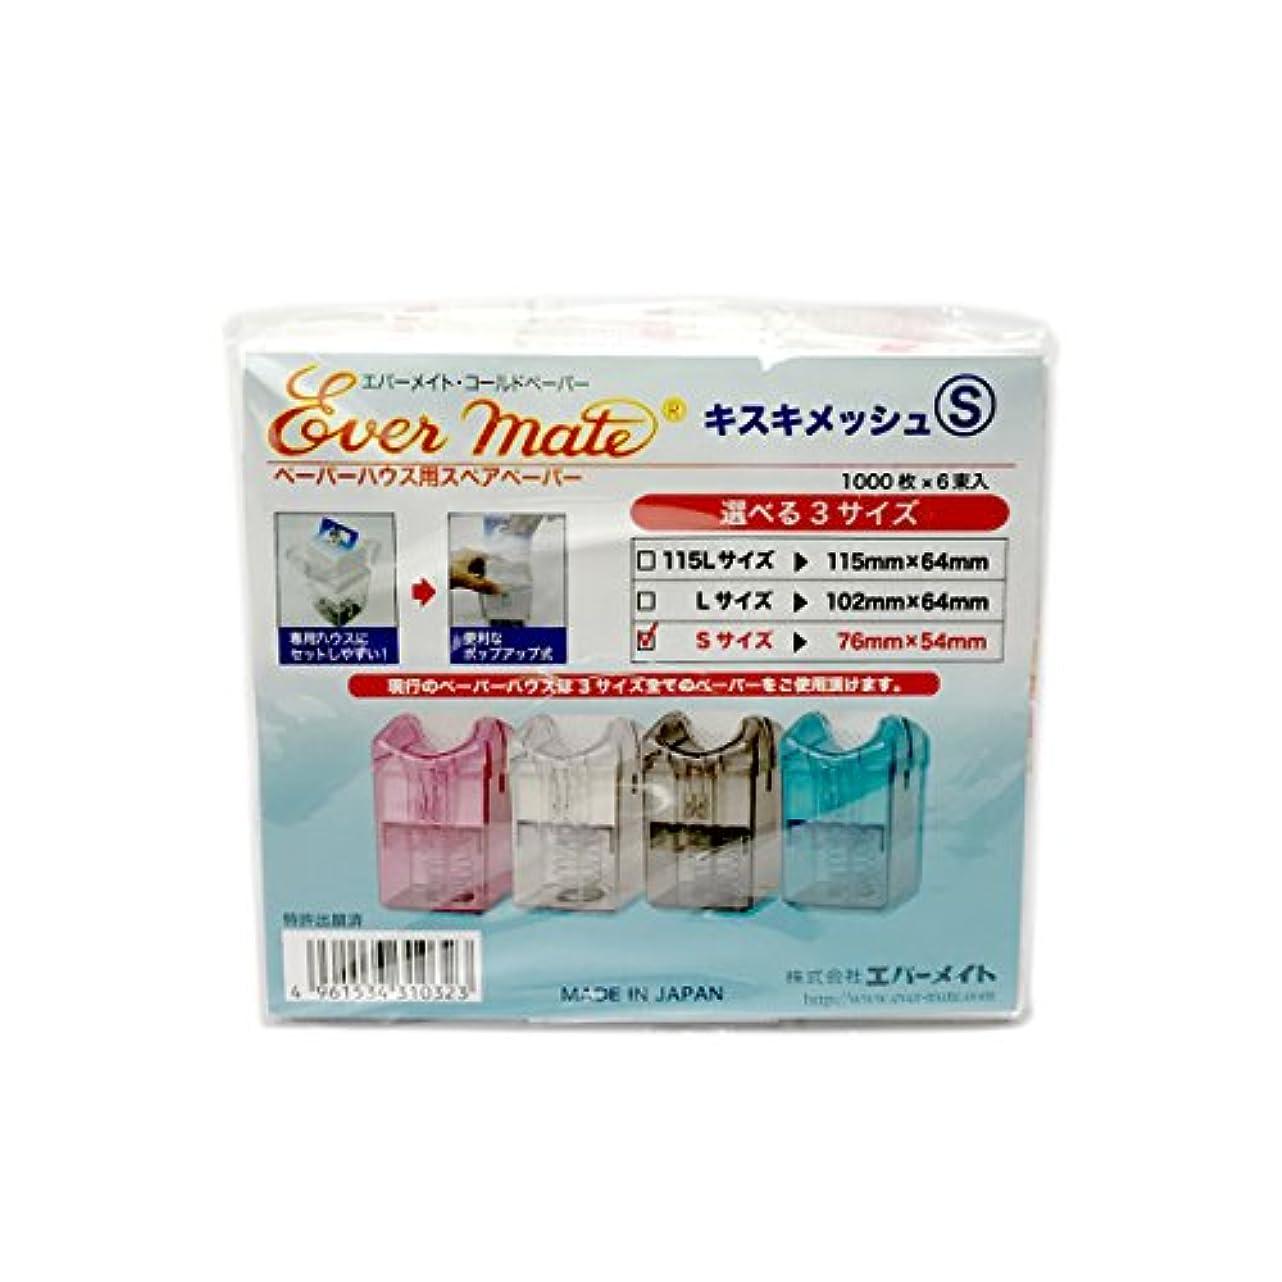 エンディングディーラー狂人米正 ペーパーハウス用スペアペーパー みさらしキスキメッシュ ショートサイズ 1000枚入×6束